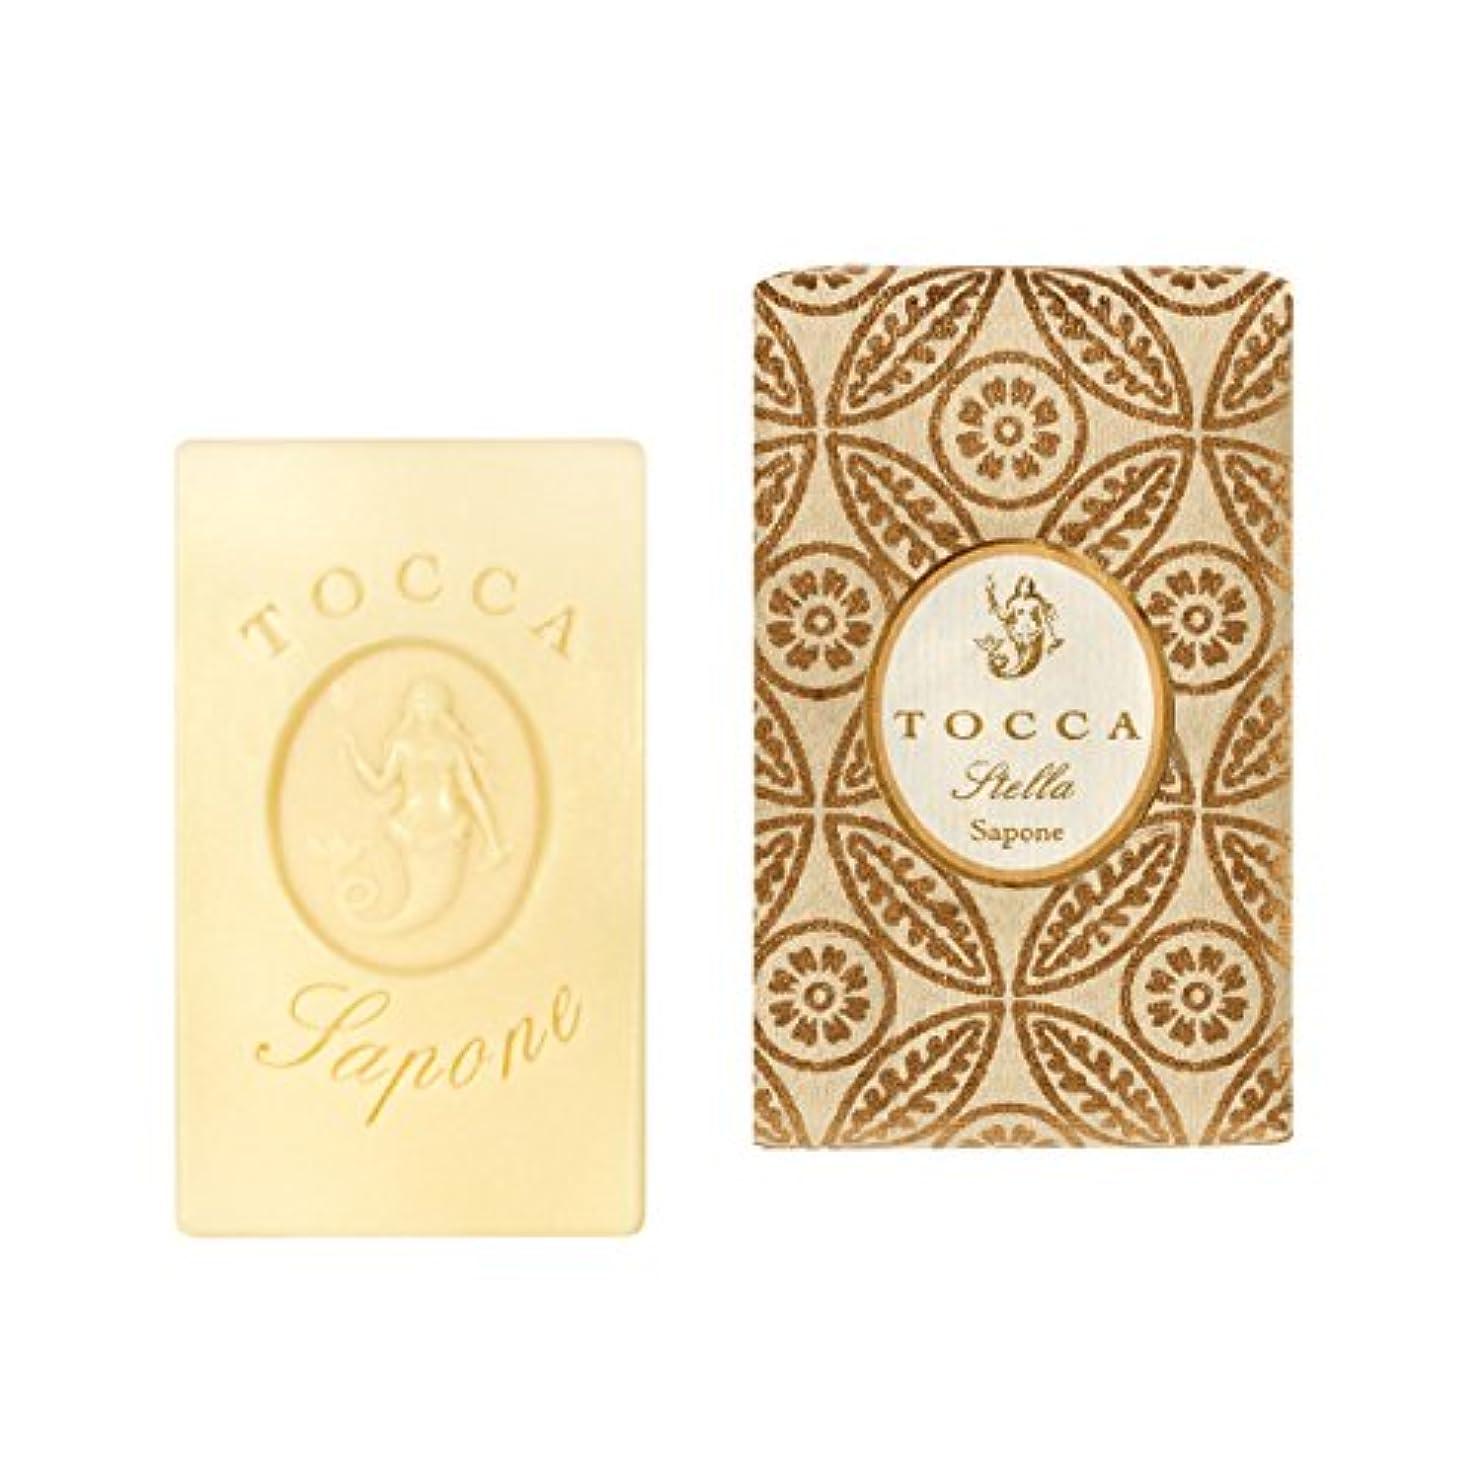 弓スケート負荷トッカ(TOCCA) ソープバー ステラの香り 113g(石けん 化粧石けん イタリアンブラッドオレンジが奏でるフレッシュでビターな爽やかさ漂う香り)